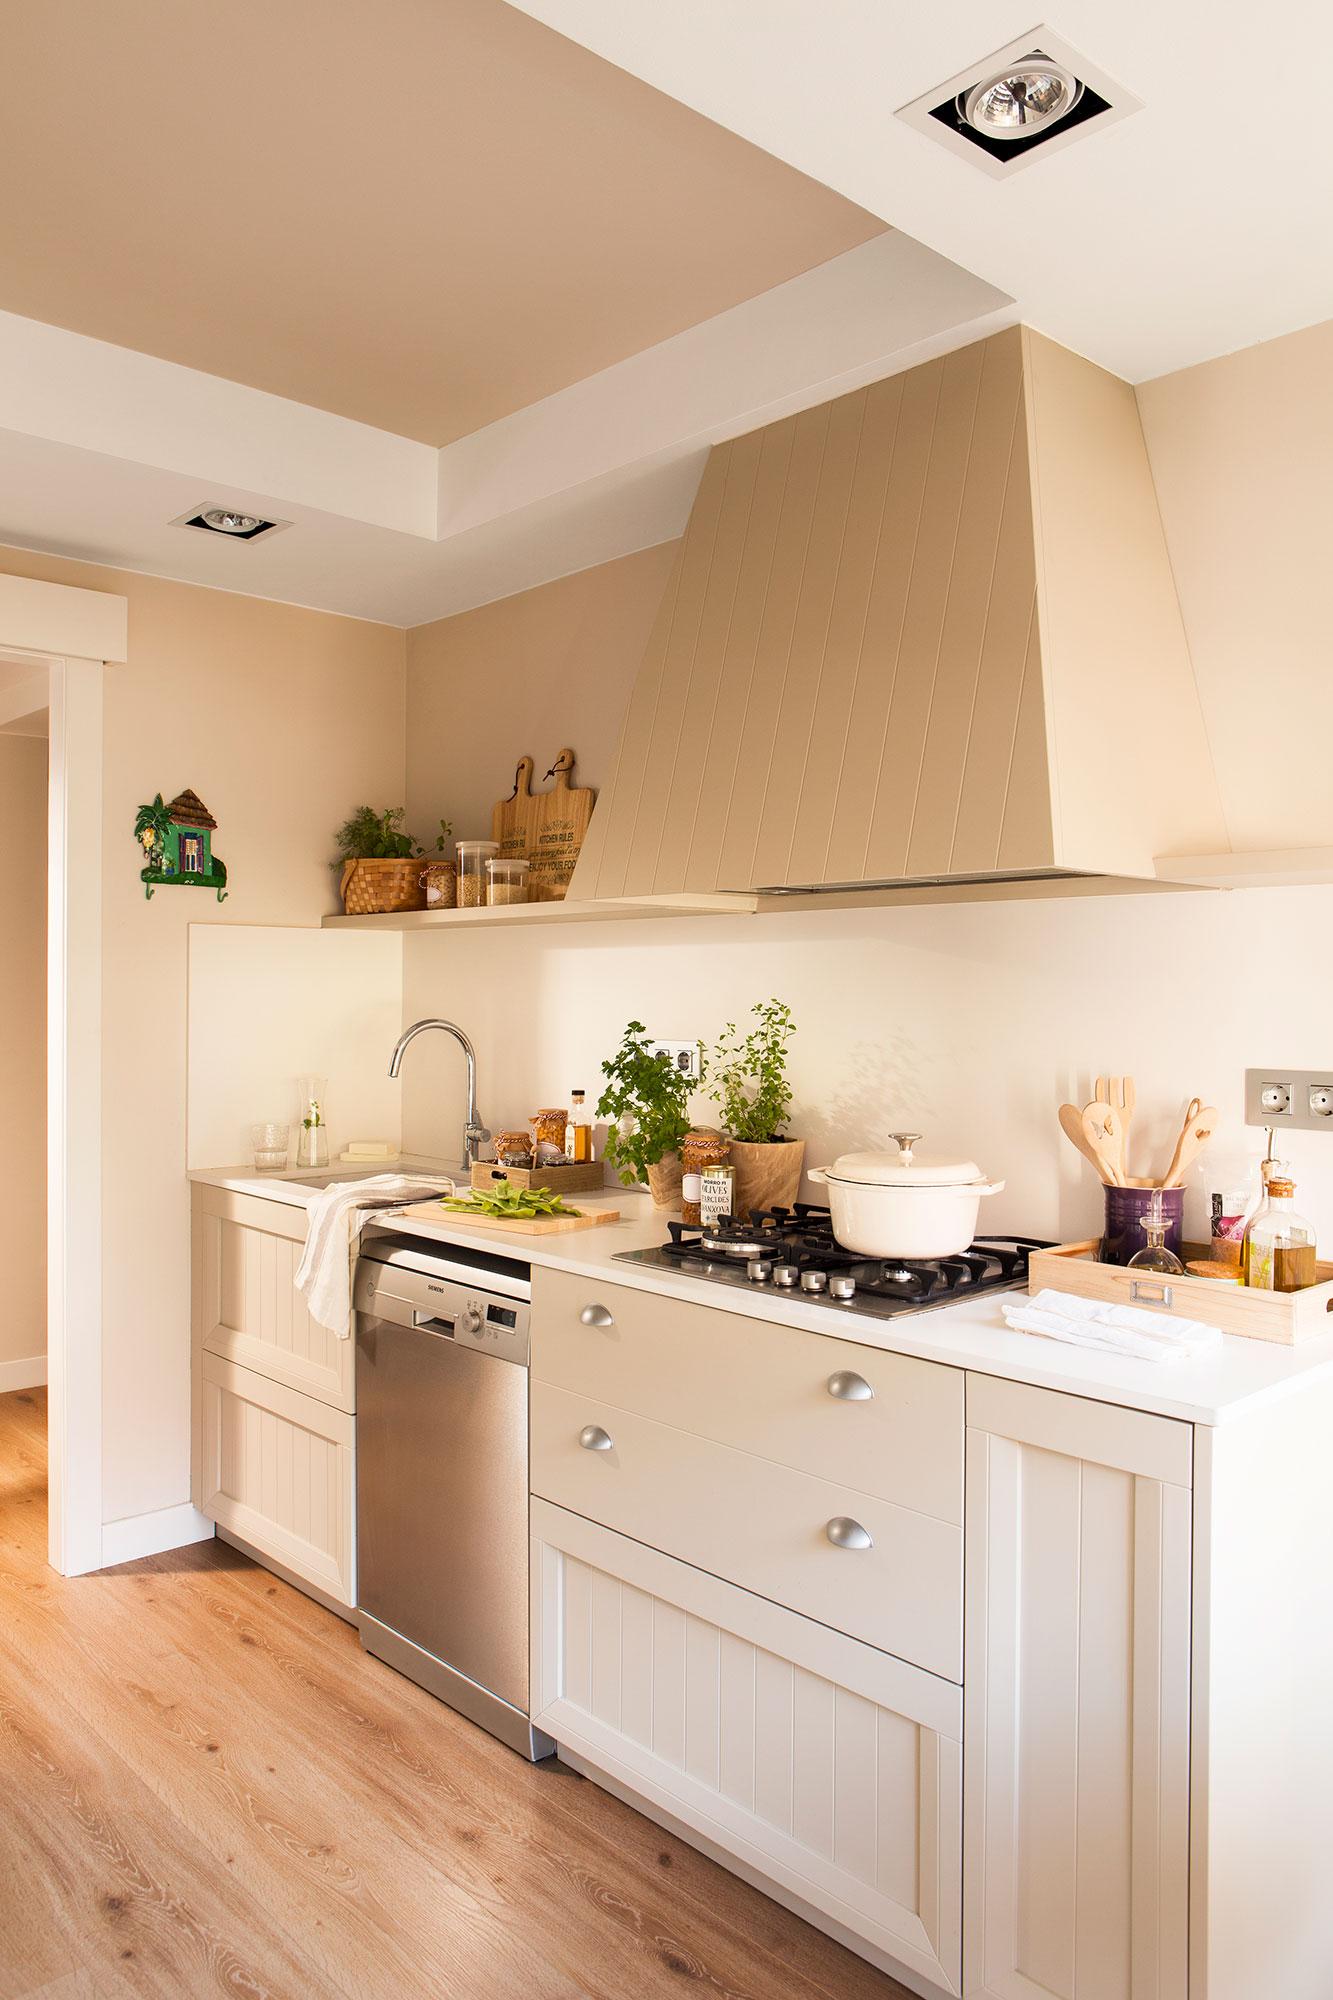 Cocina sin azulejos ahora tambi n mam for Decoracion de cocinas economicas